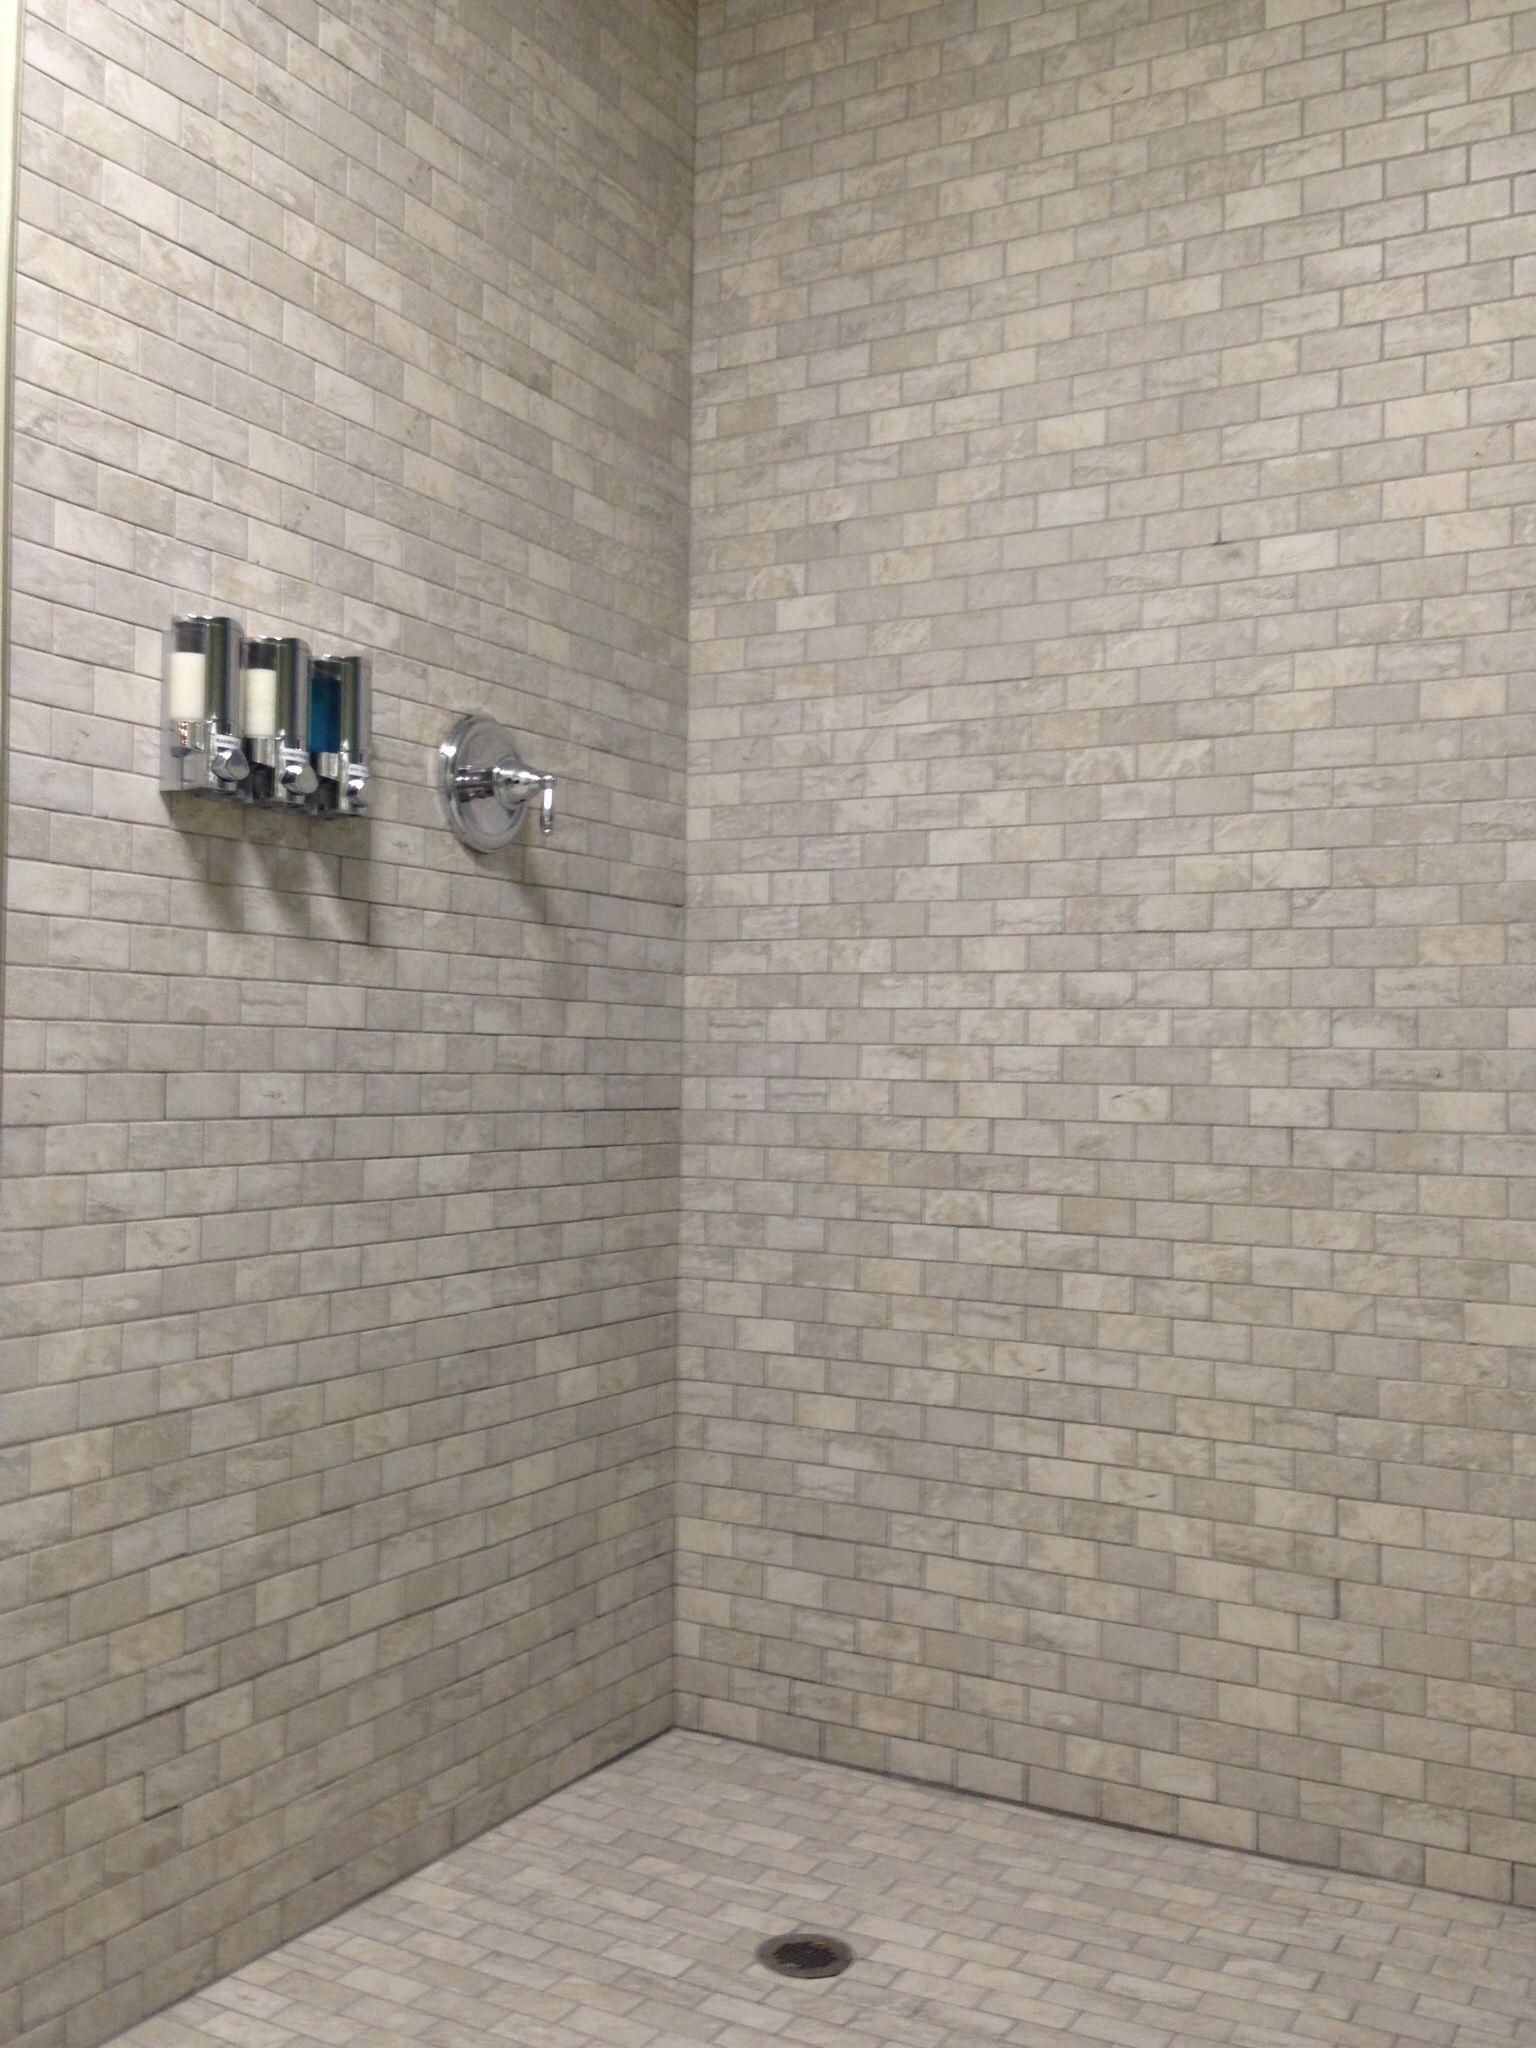 Daltile Exquisite EQ11 Chantilly 2x4 Mosaic Daltile